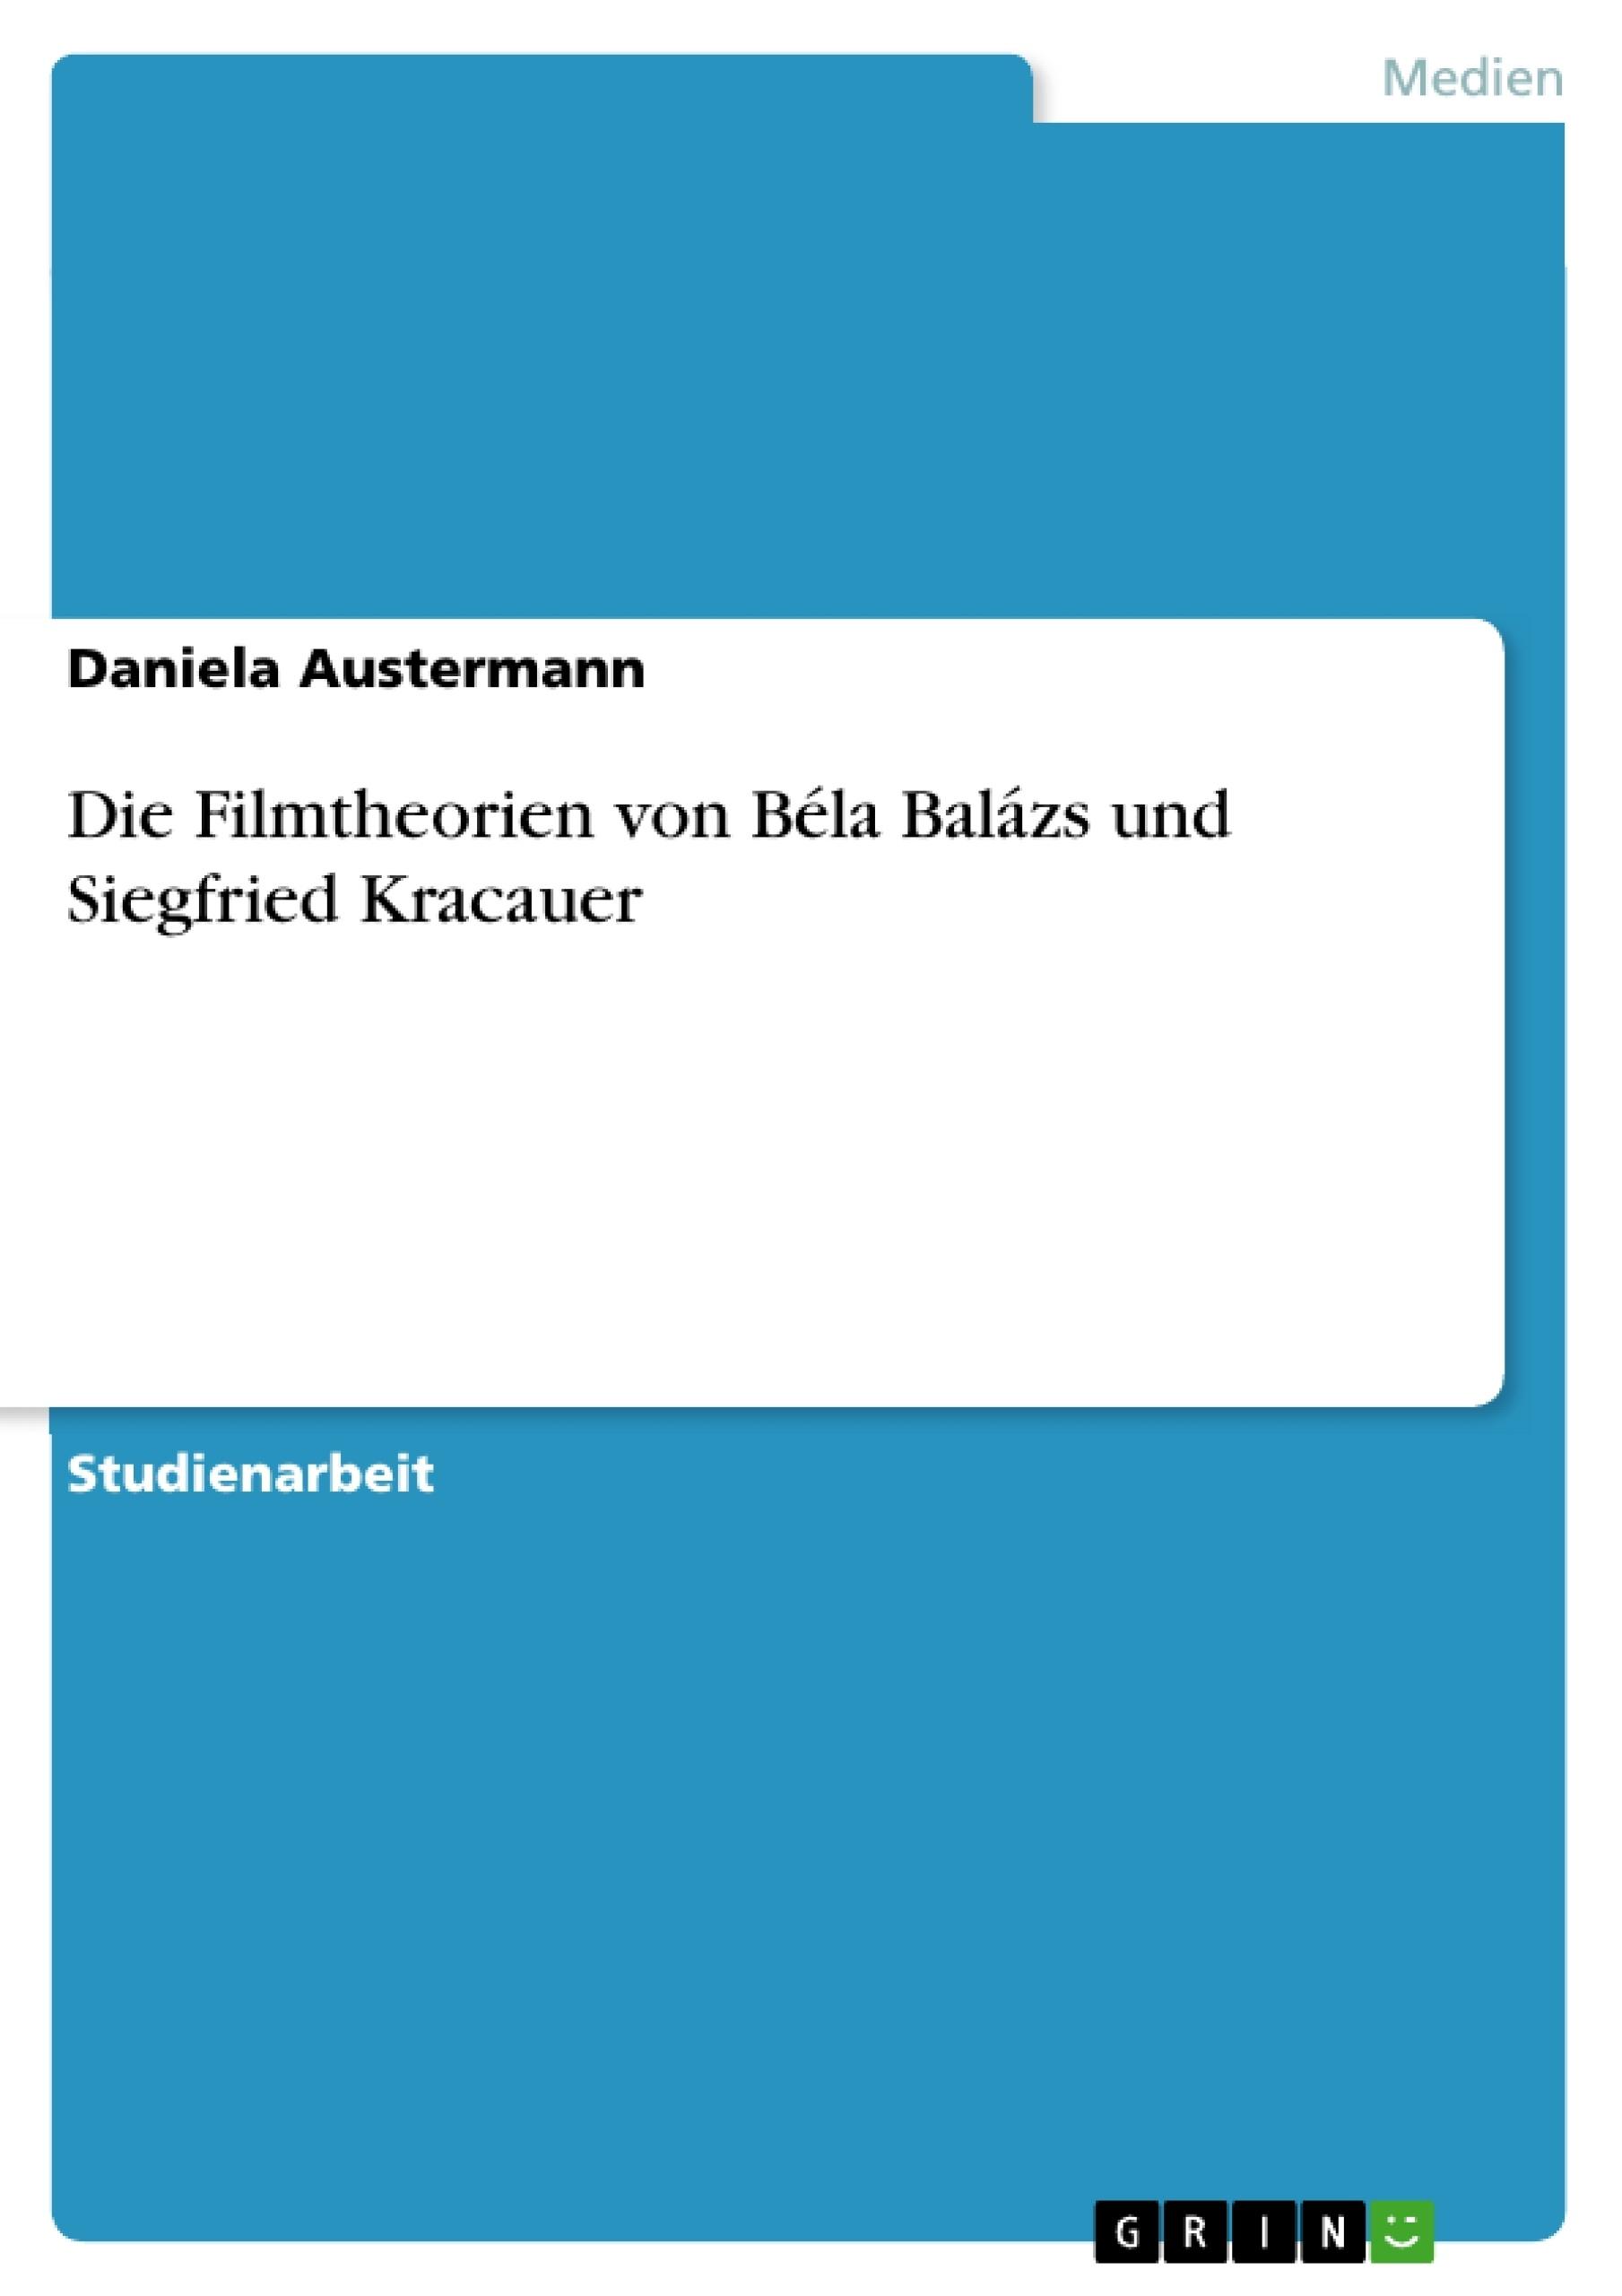 Titel: Die Filmtheorien von Béla Balázs und Siegfried Kracauer